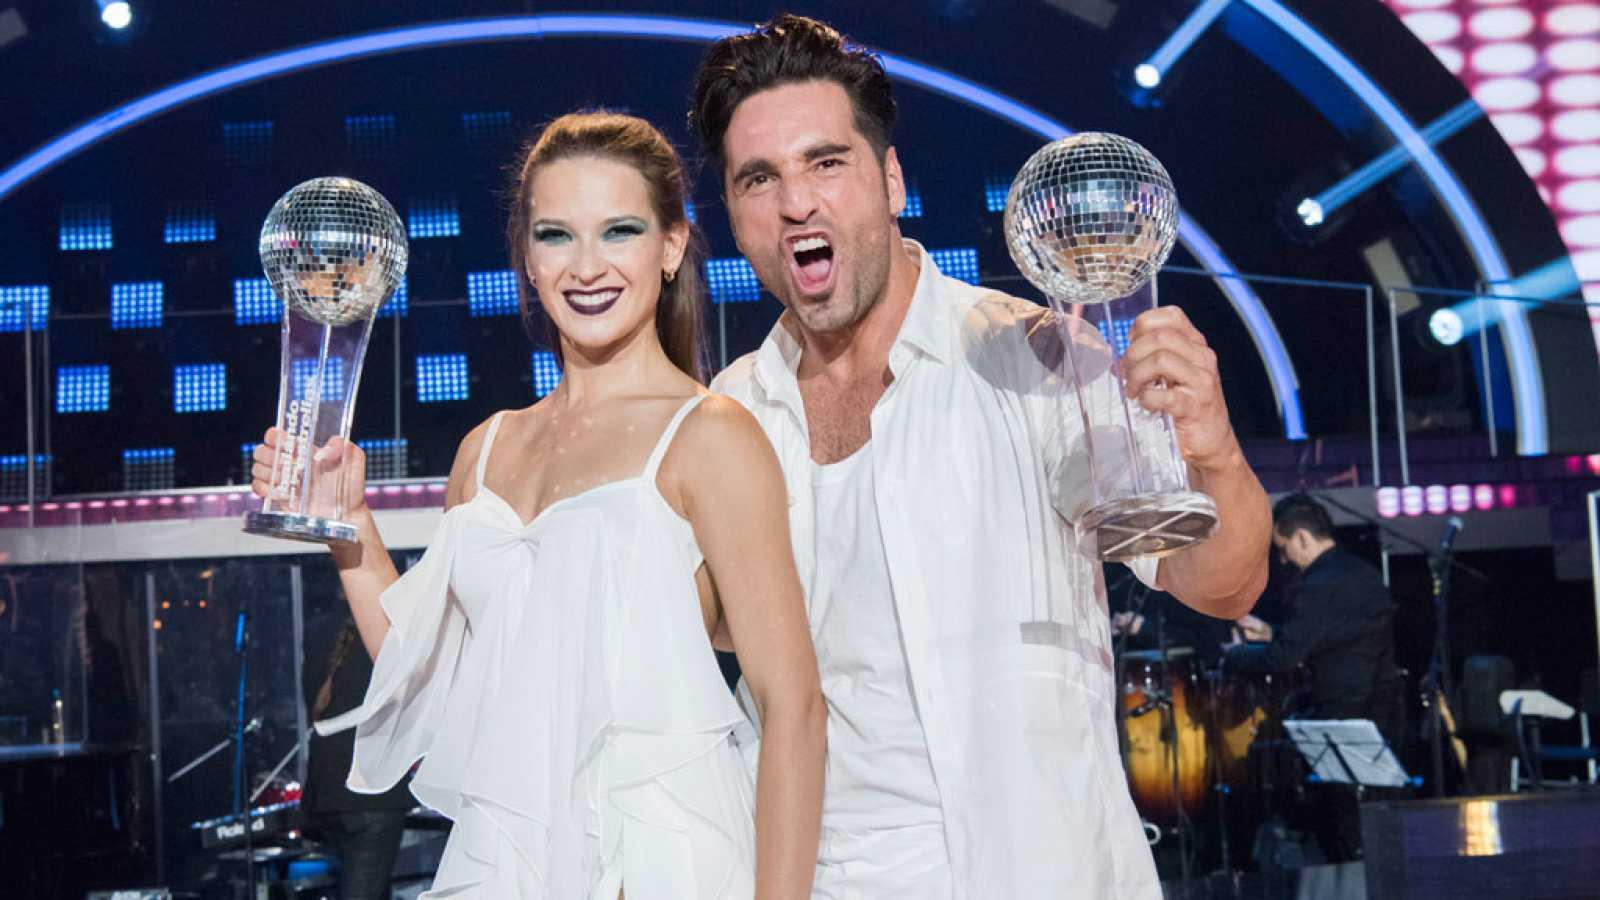 Bailando con las estrellas - David Bustamante y Yana Olina ganan la primera edición de 'Bailando con las estrellas'